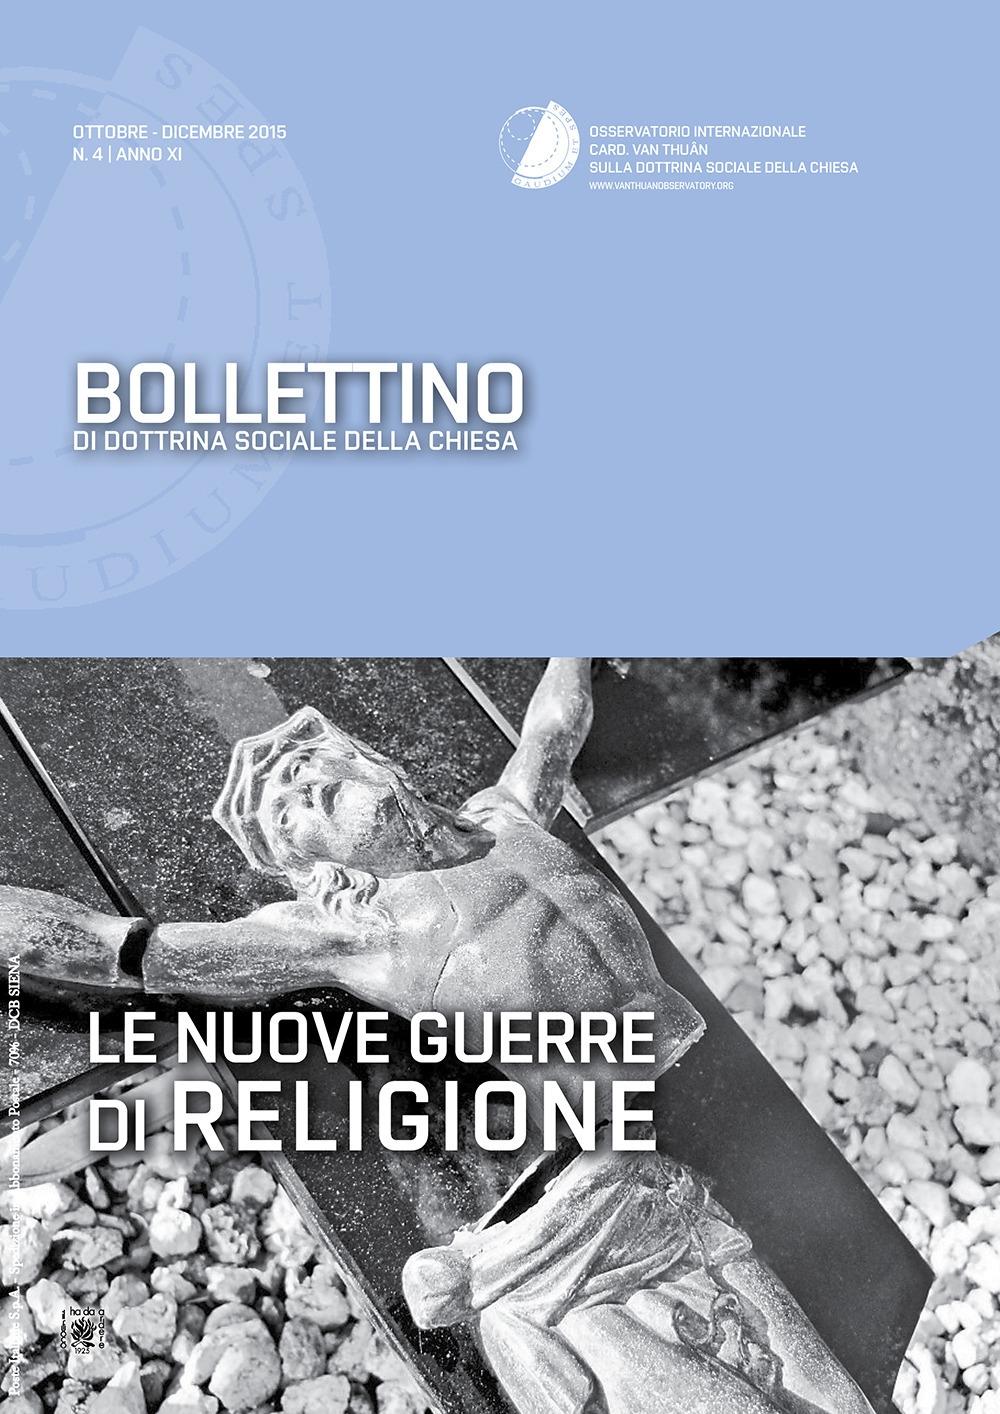 Bollettino di Dottrina Sociale della Chiesa. Anno XI, N.4, Ottobre-Dicembre 2015. Le Nuove Guerre di Religione